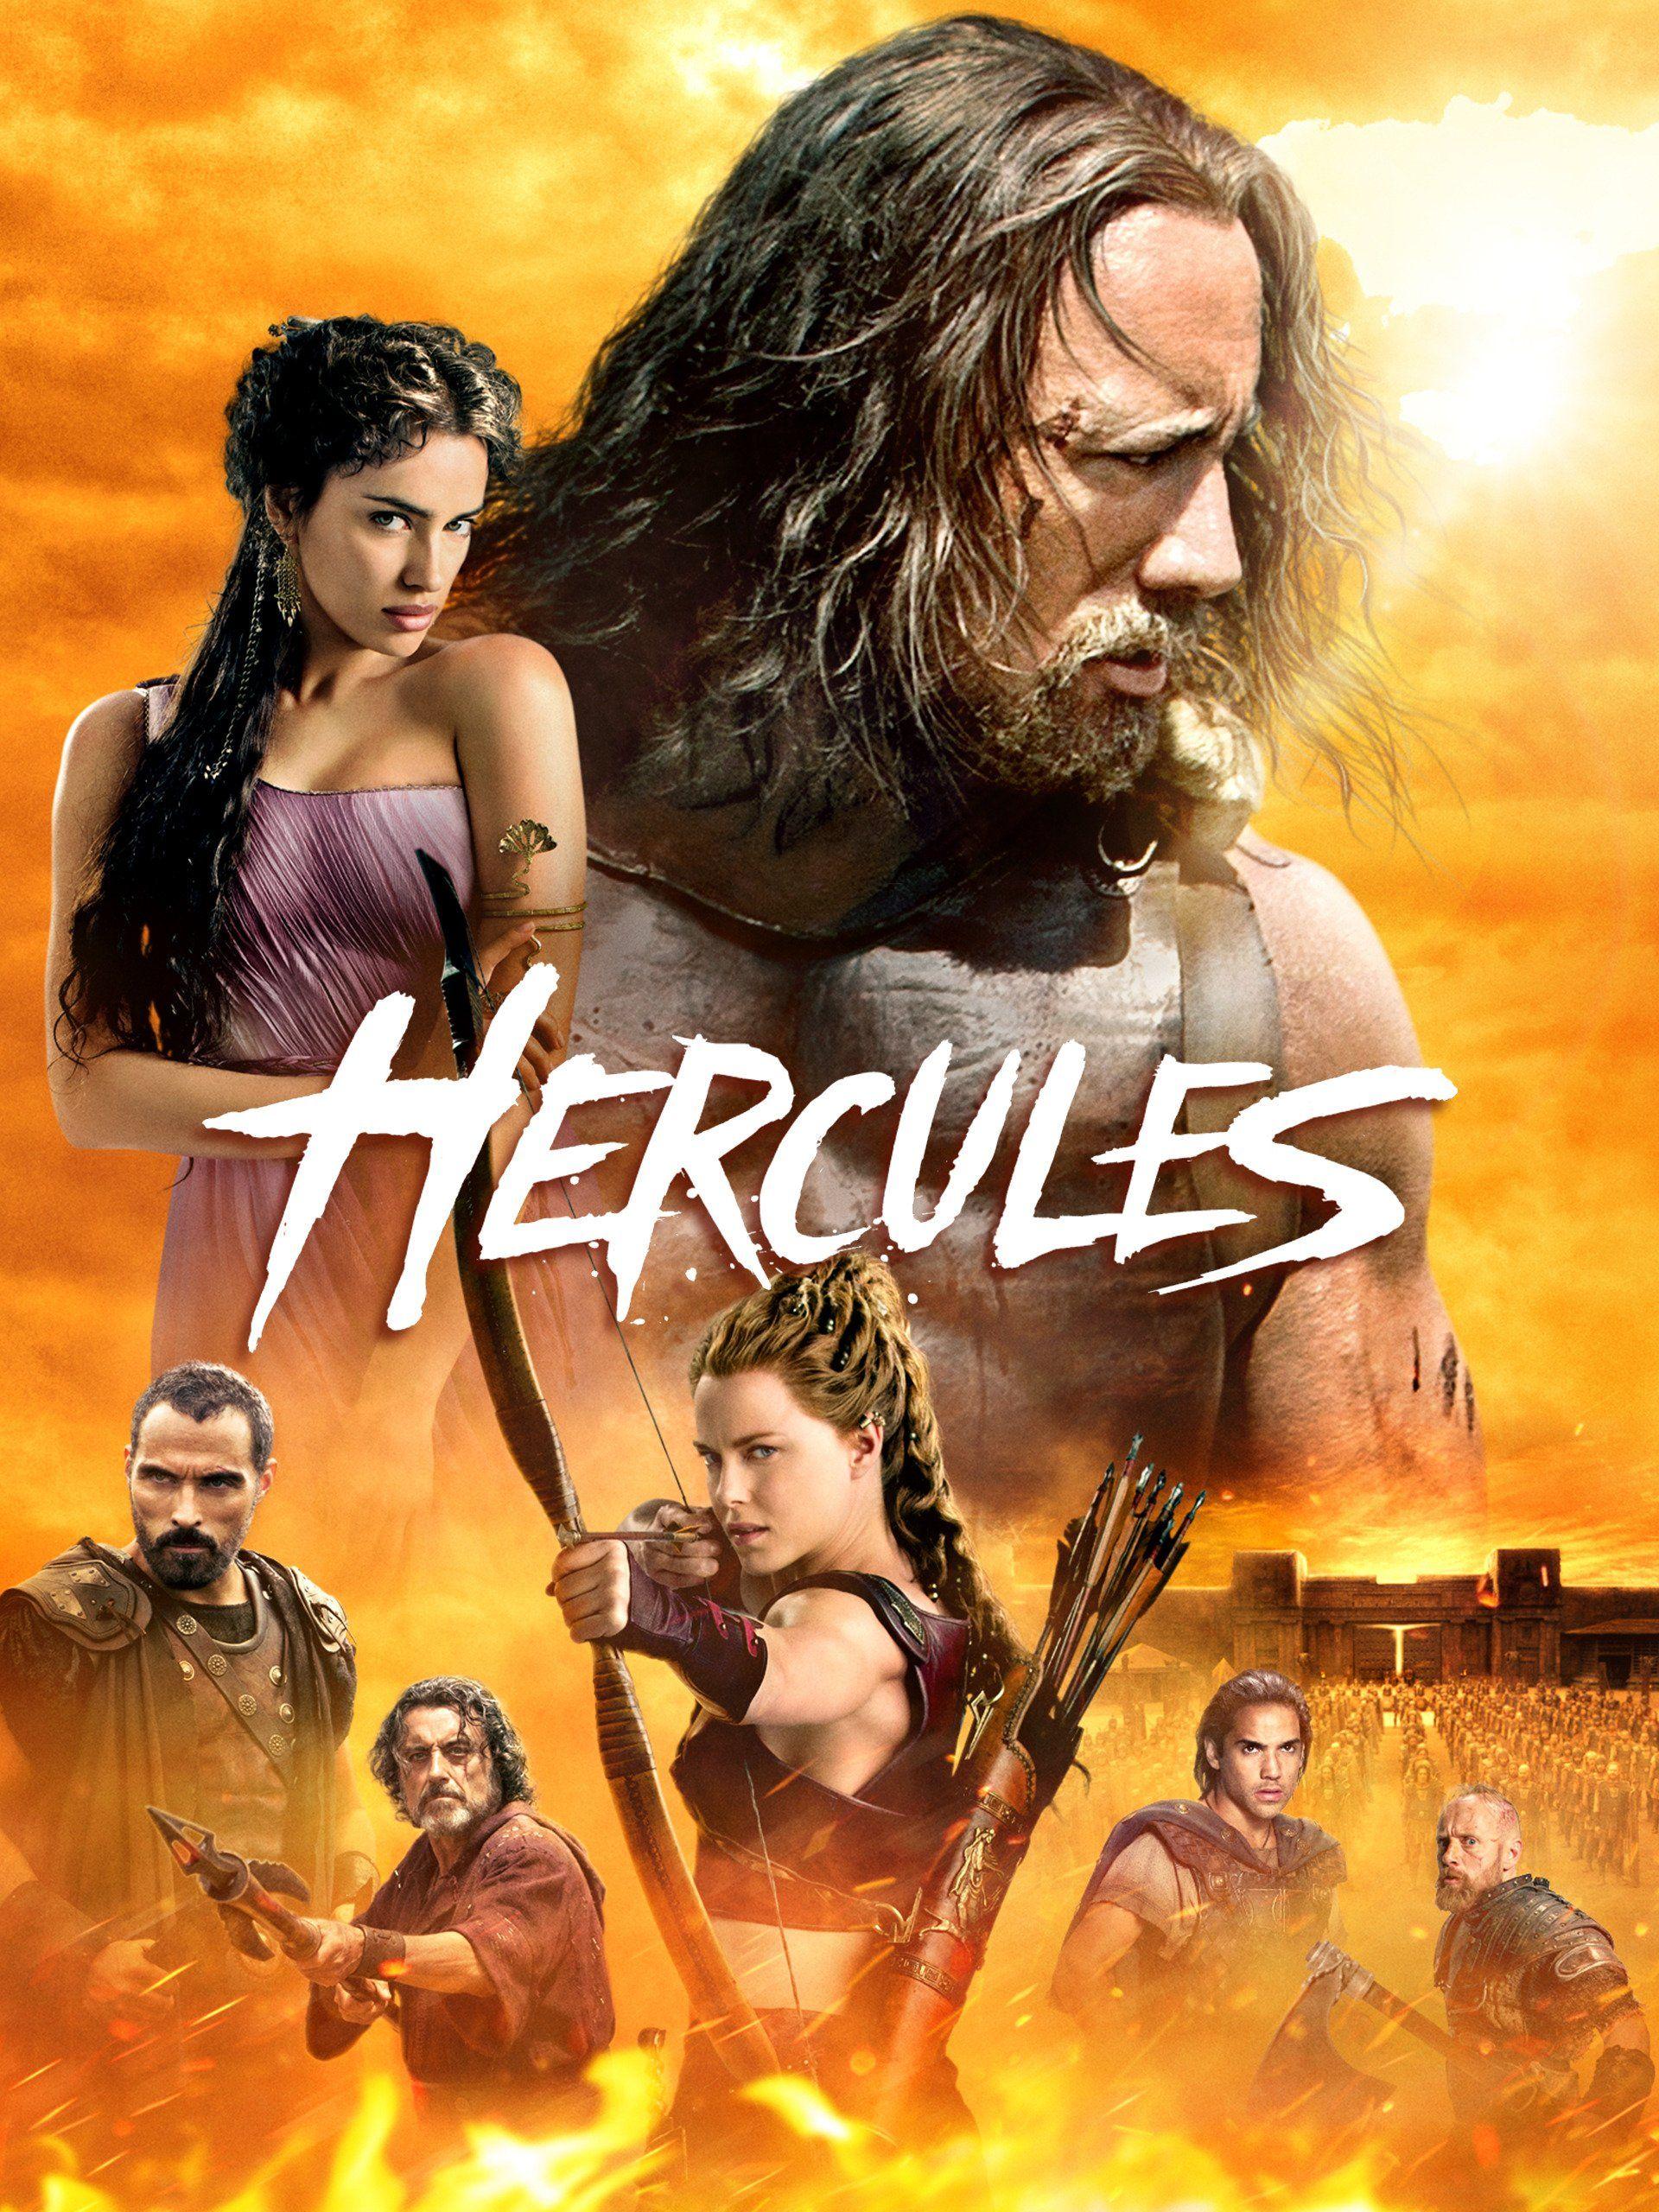 Hercules 2014 Dual Audio Hindi 720p Free Download Hercules